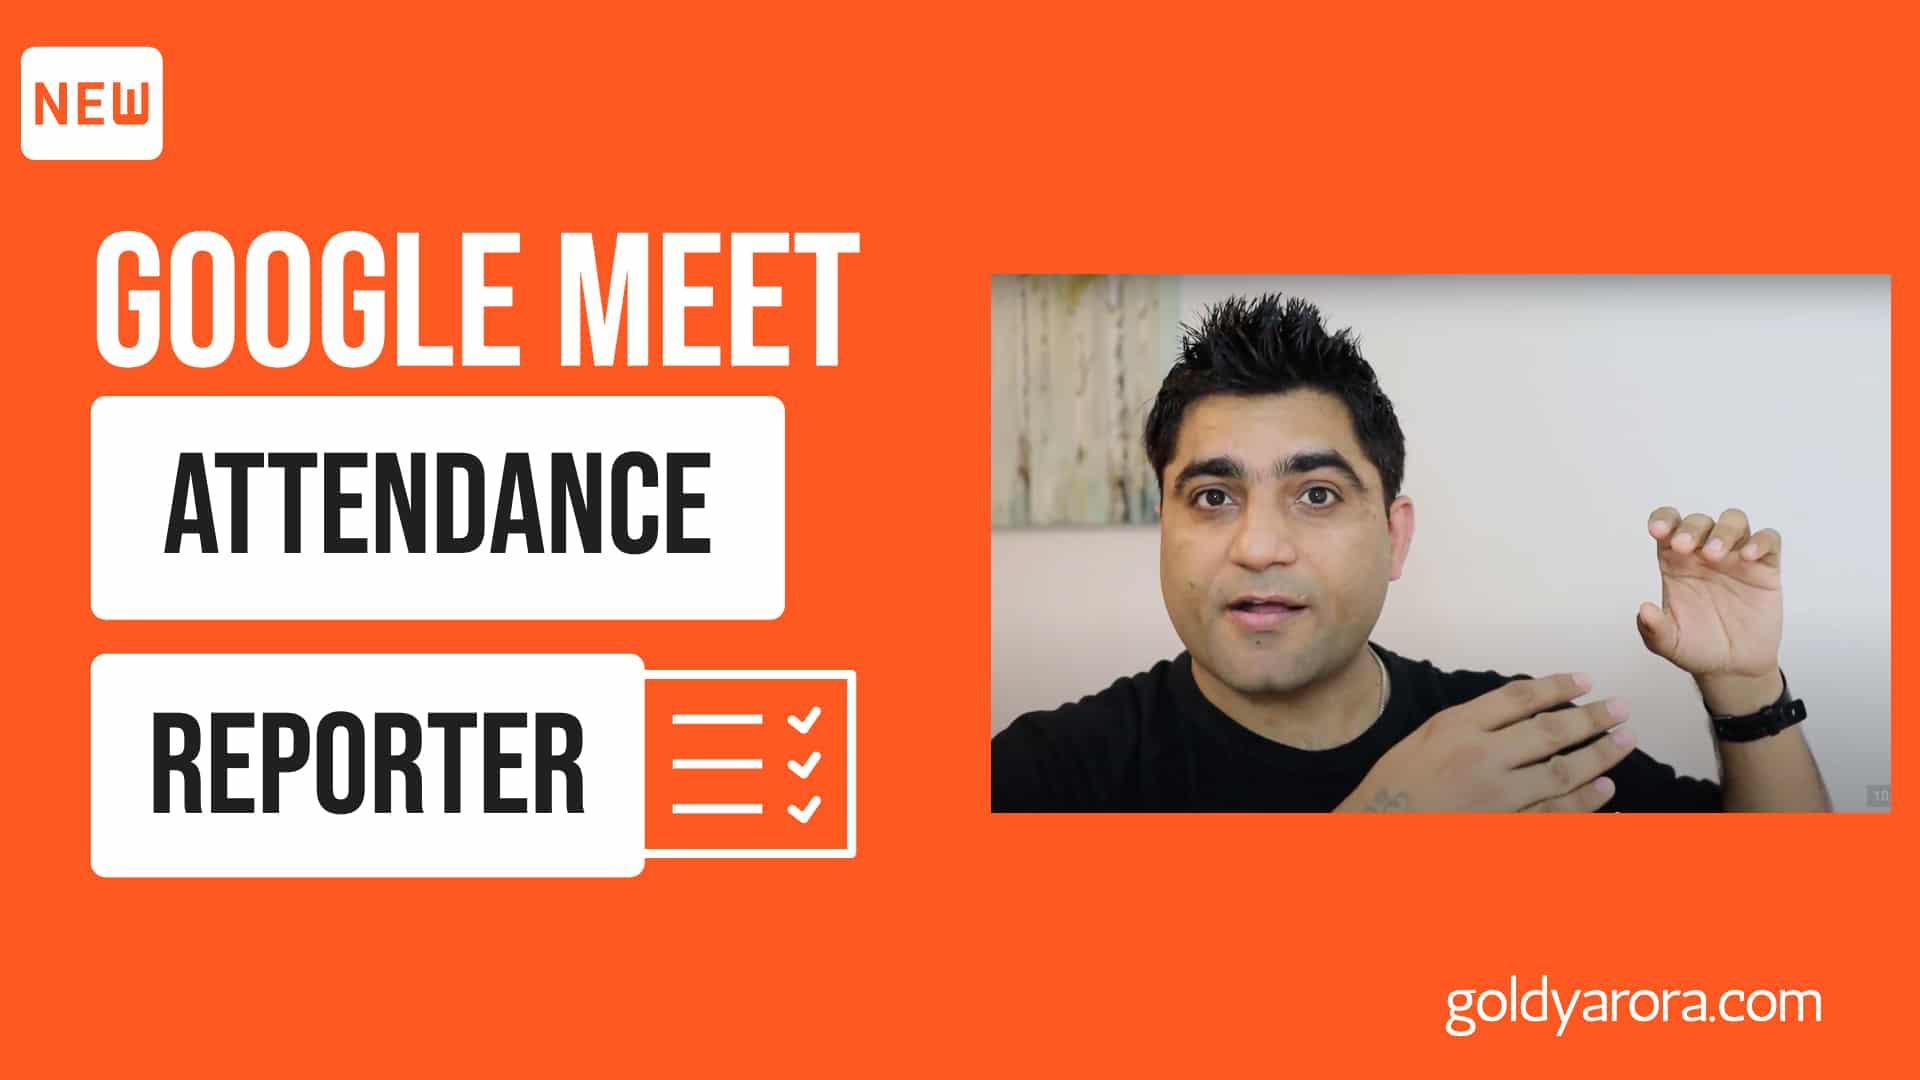 Google Meet Attendance Tracker